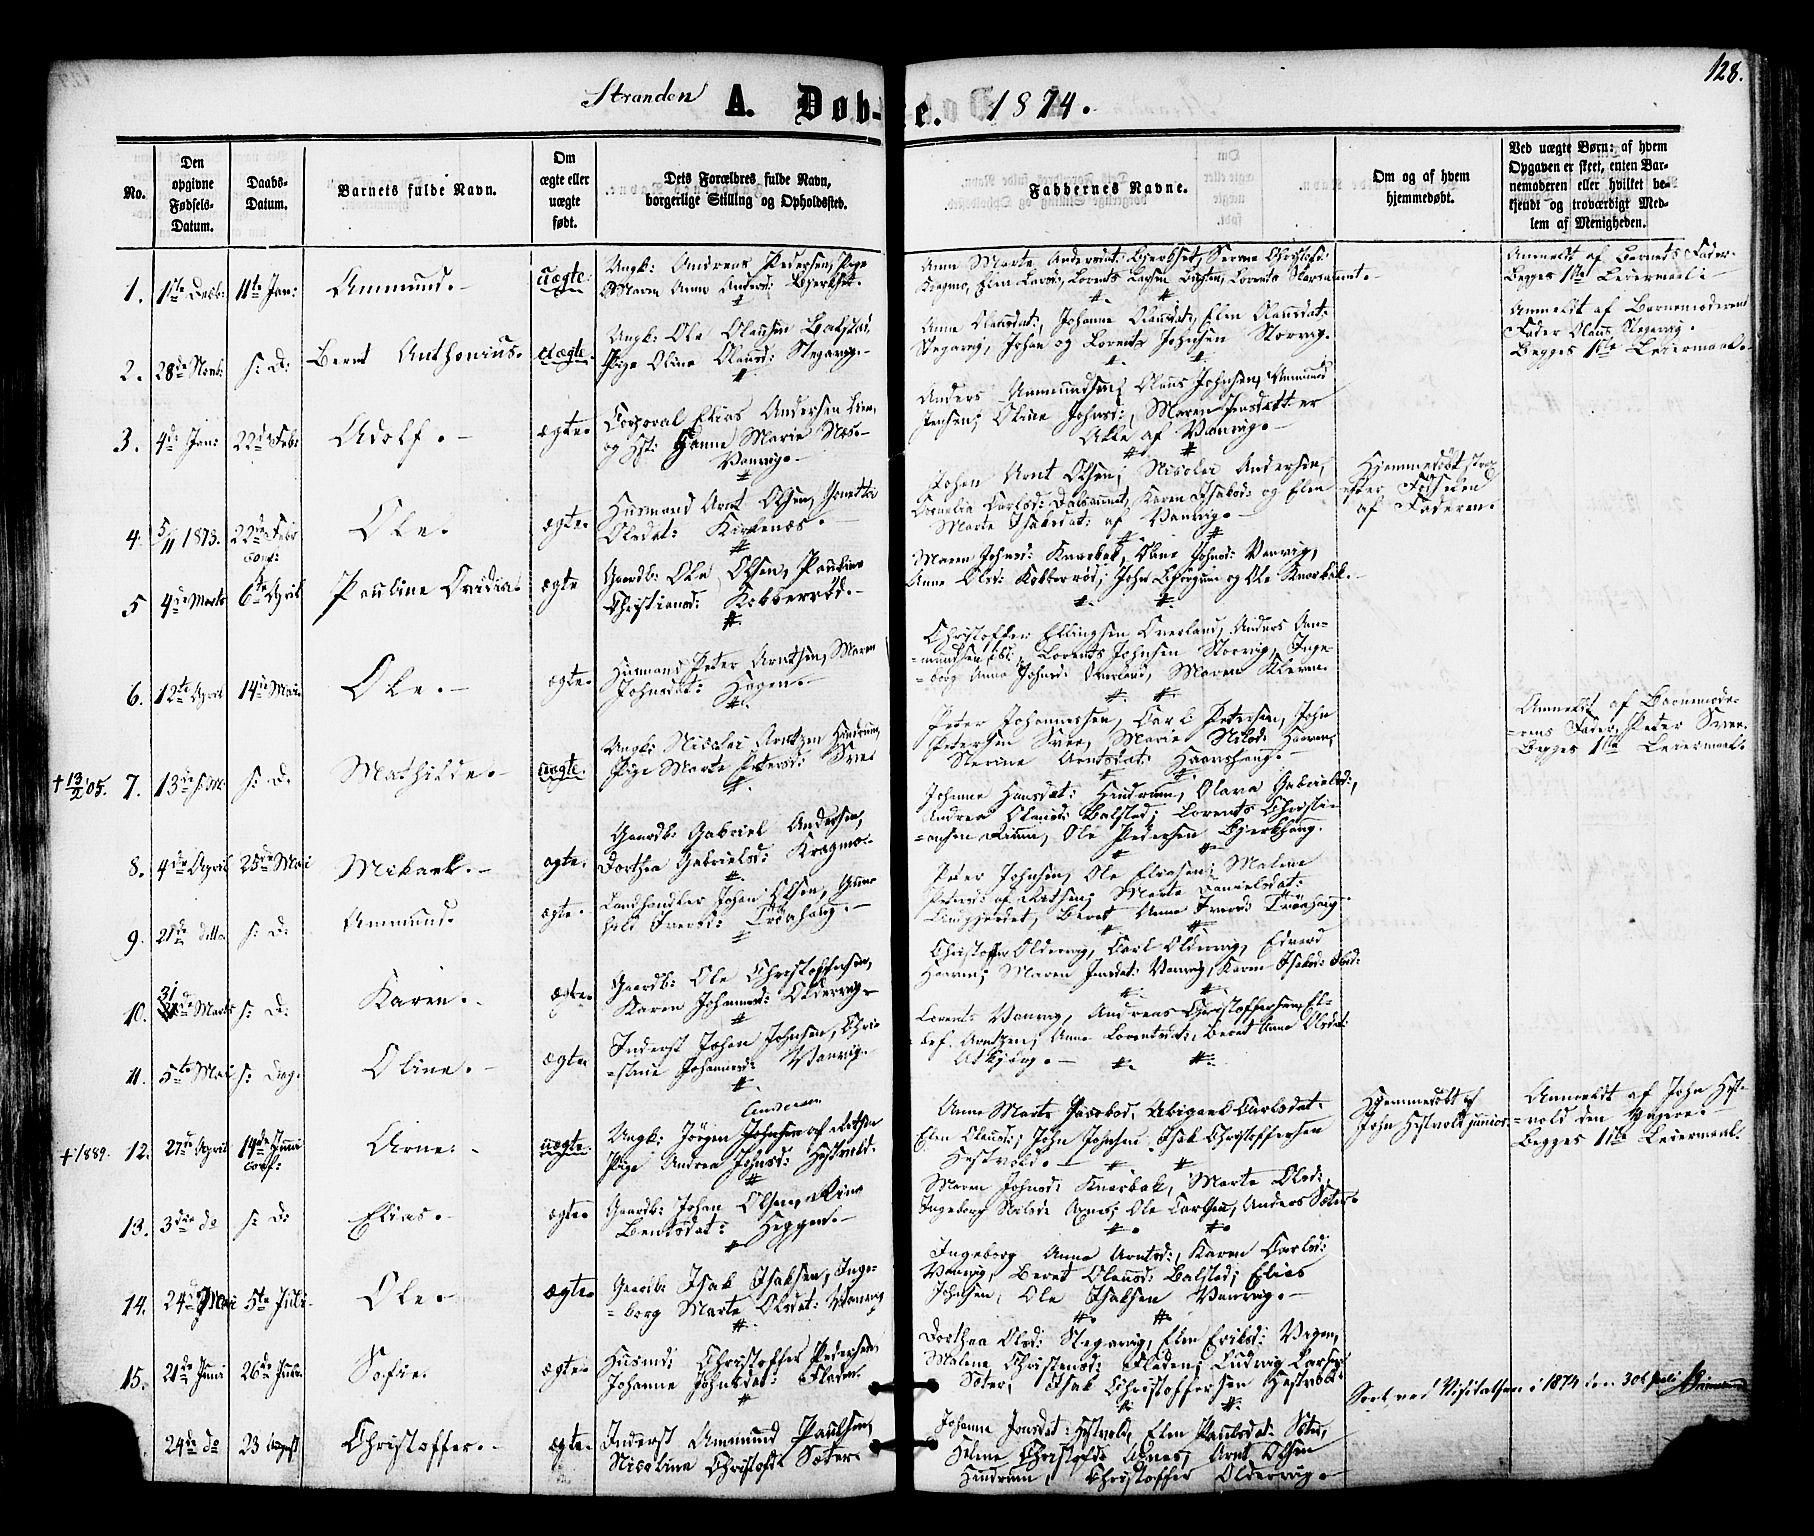 SAT, Ministerialprotokoller, klokkerbøker og fødselsregistre - Nord-Trøndelag, 701/L0009: Ministerialbok nr. 701A09 /2, 1864-1882, s. 128